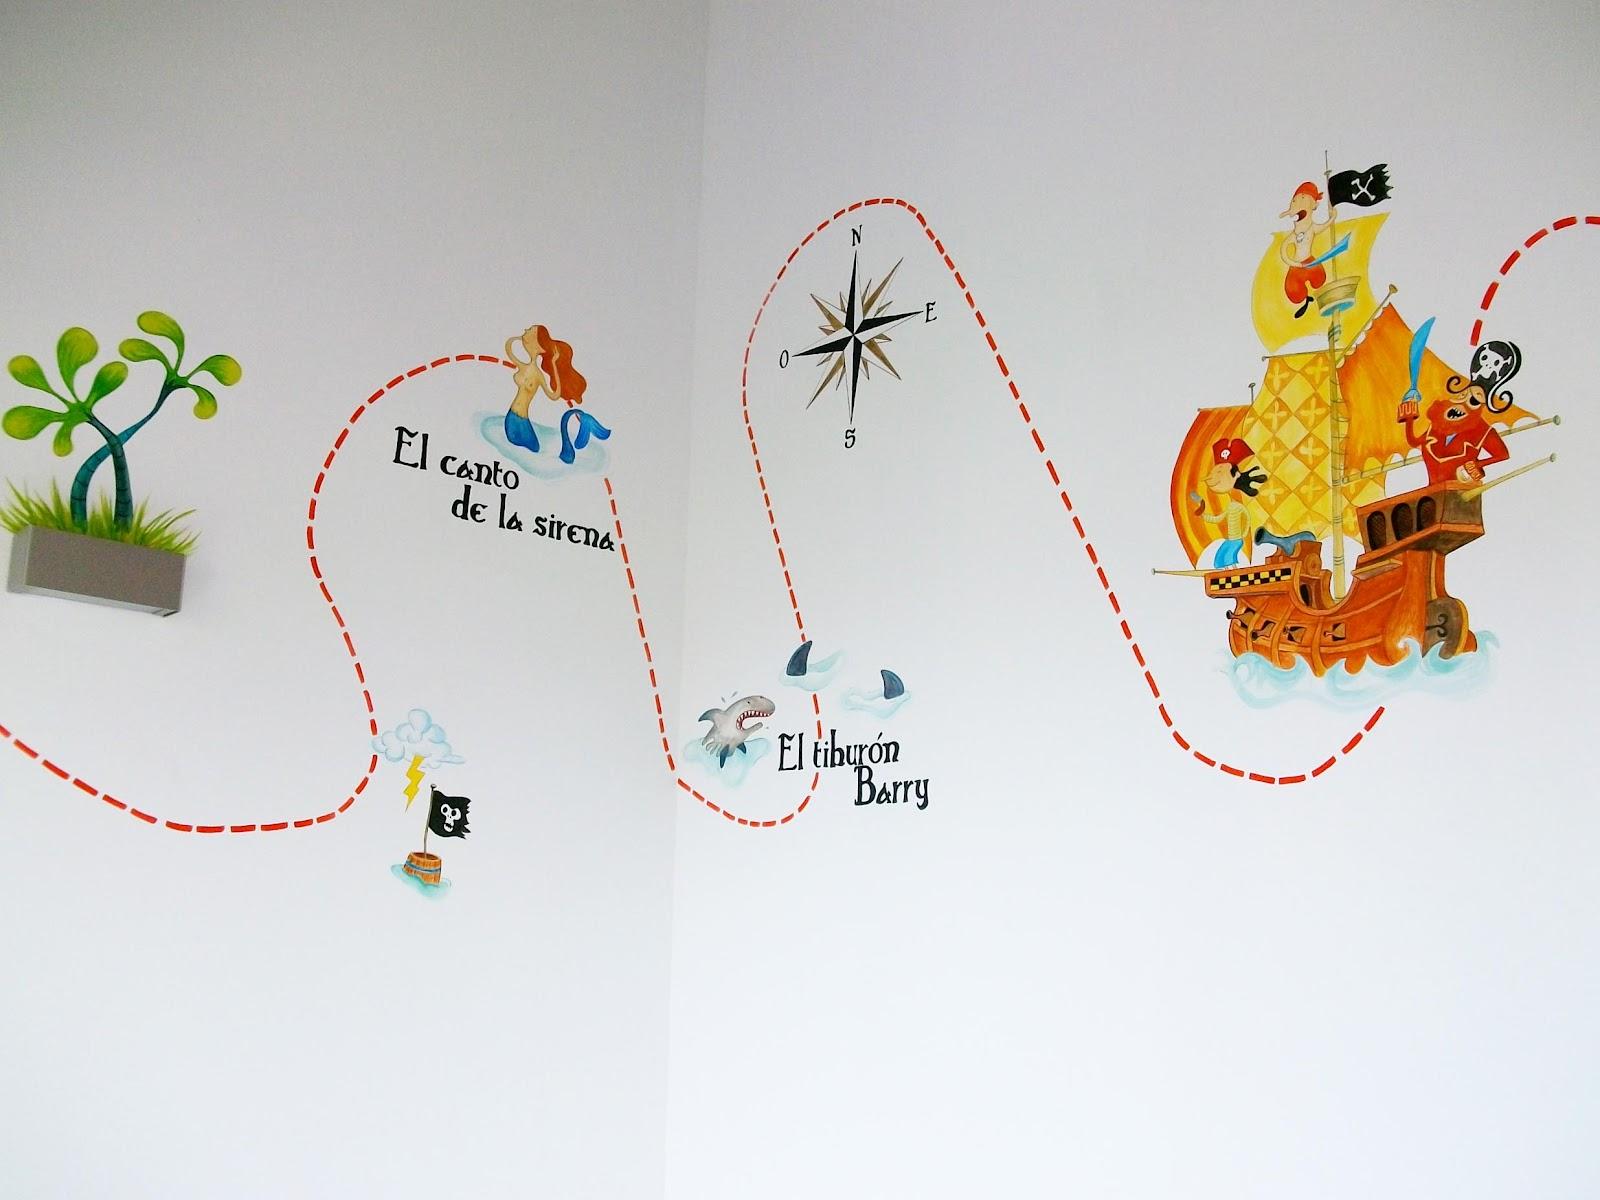 Pintura mural arte en pared y murales decorativos en for Definicion de pintura mural